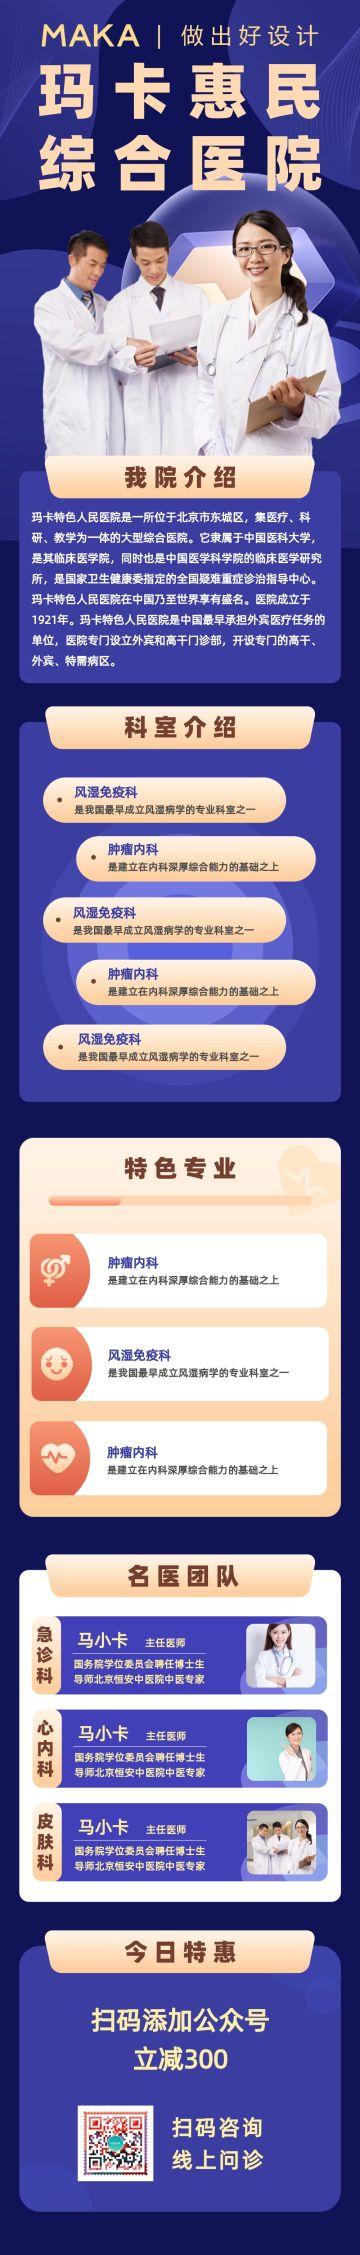 紫色简约医院推广宣传文章长图